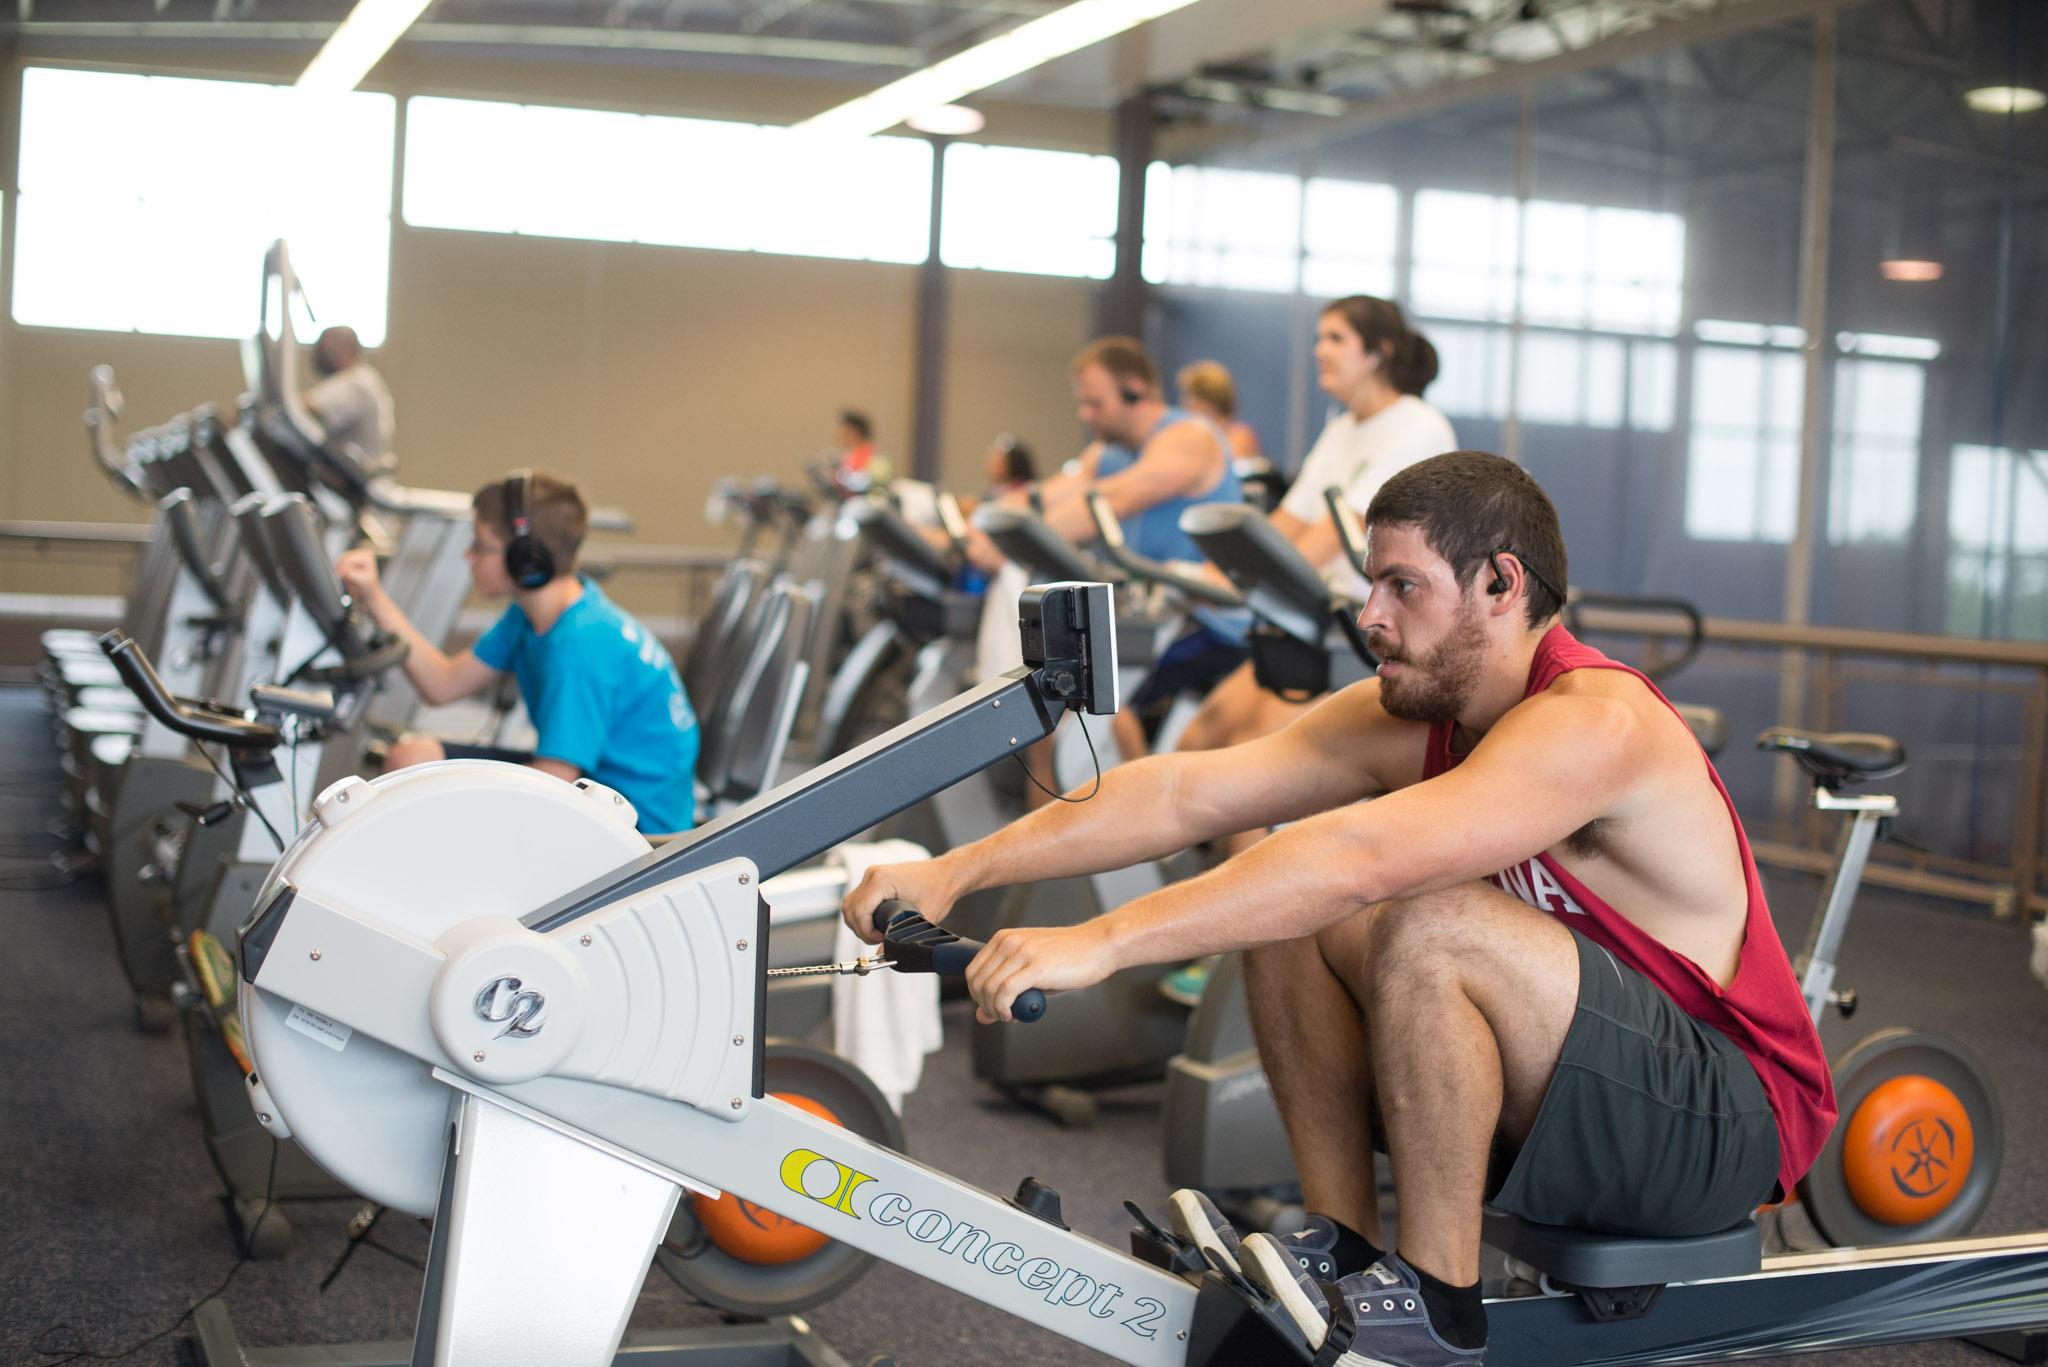 Wellness Center Stock Photos-1257.jpg